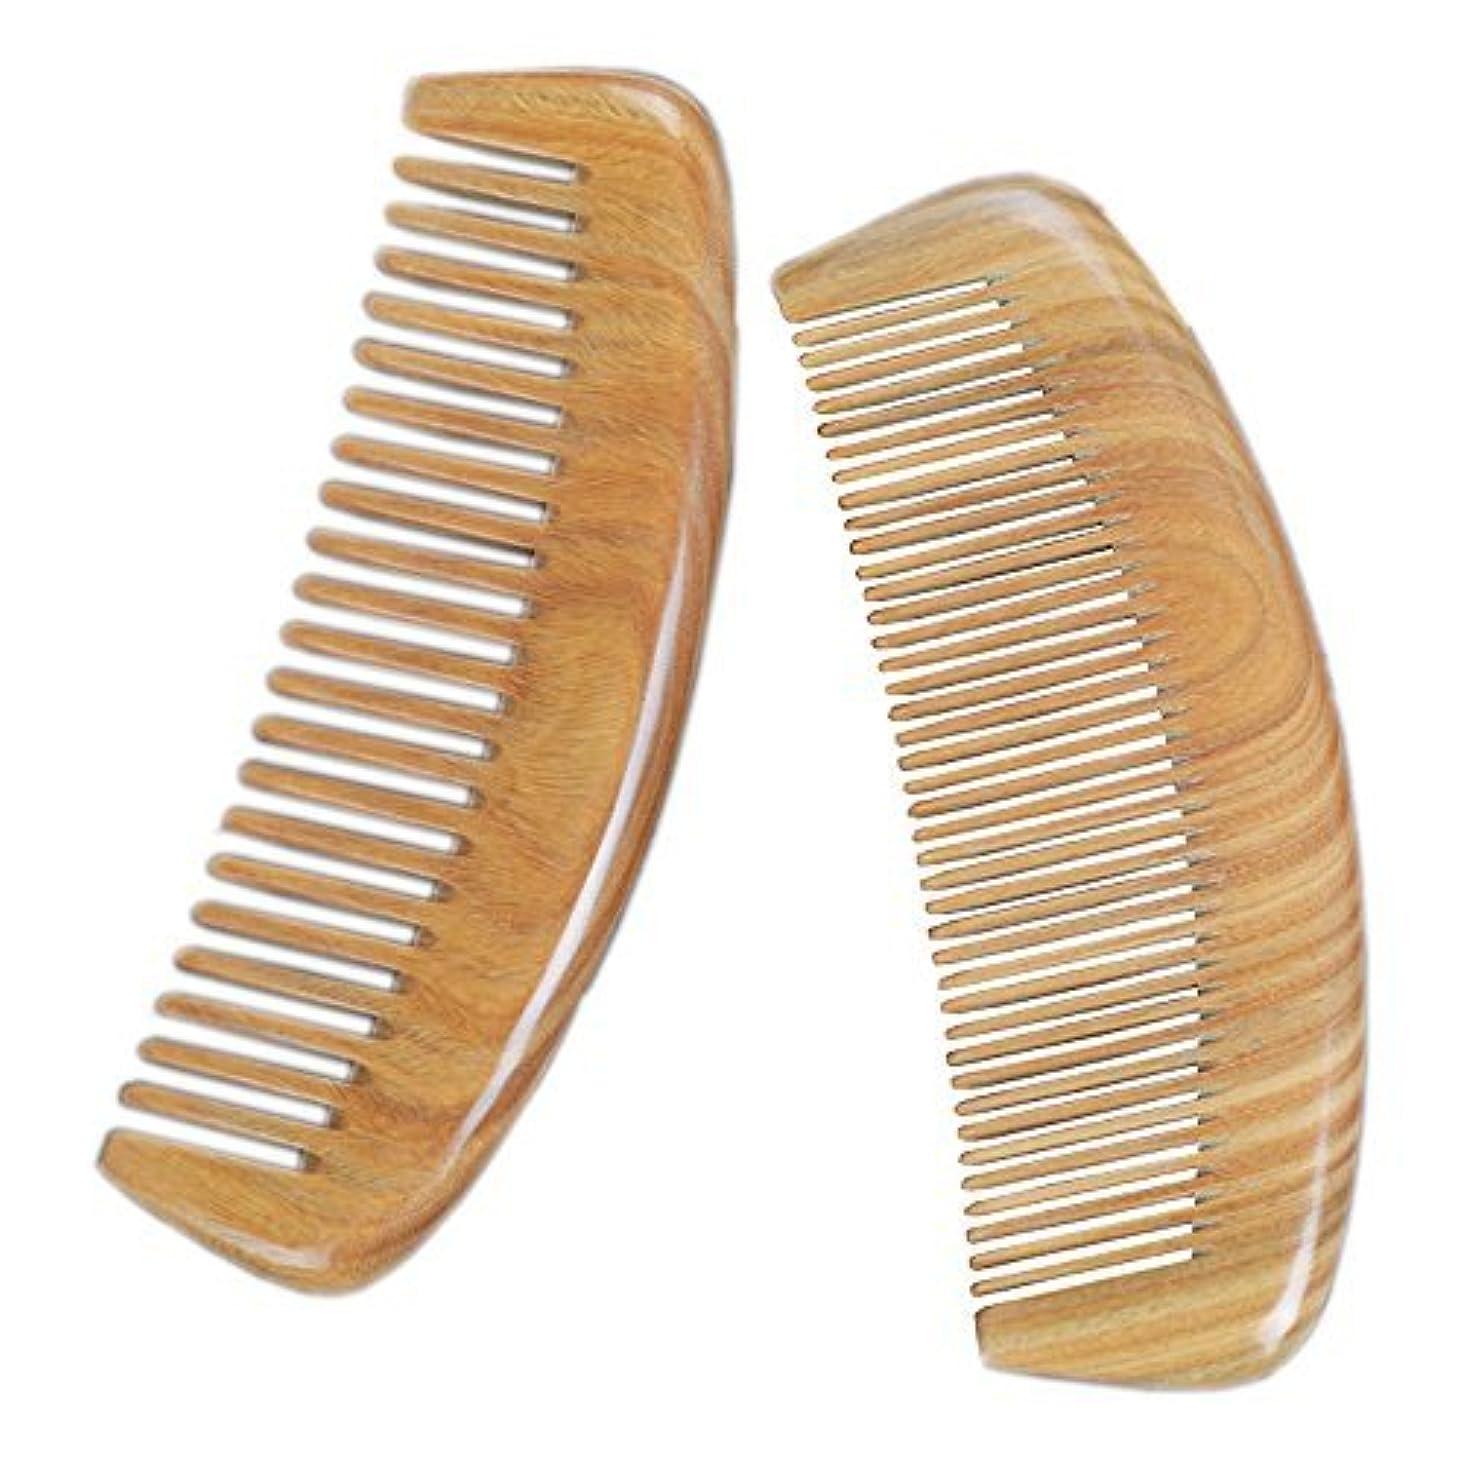 まとめる実質的今日LiveZone Handmade Natural Green Sandalwood 2-Count(Minute Tooth and Wide Tooth Wood Comb) Hair Comb with Natural...